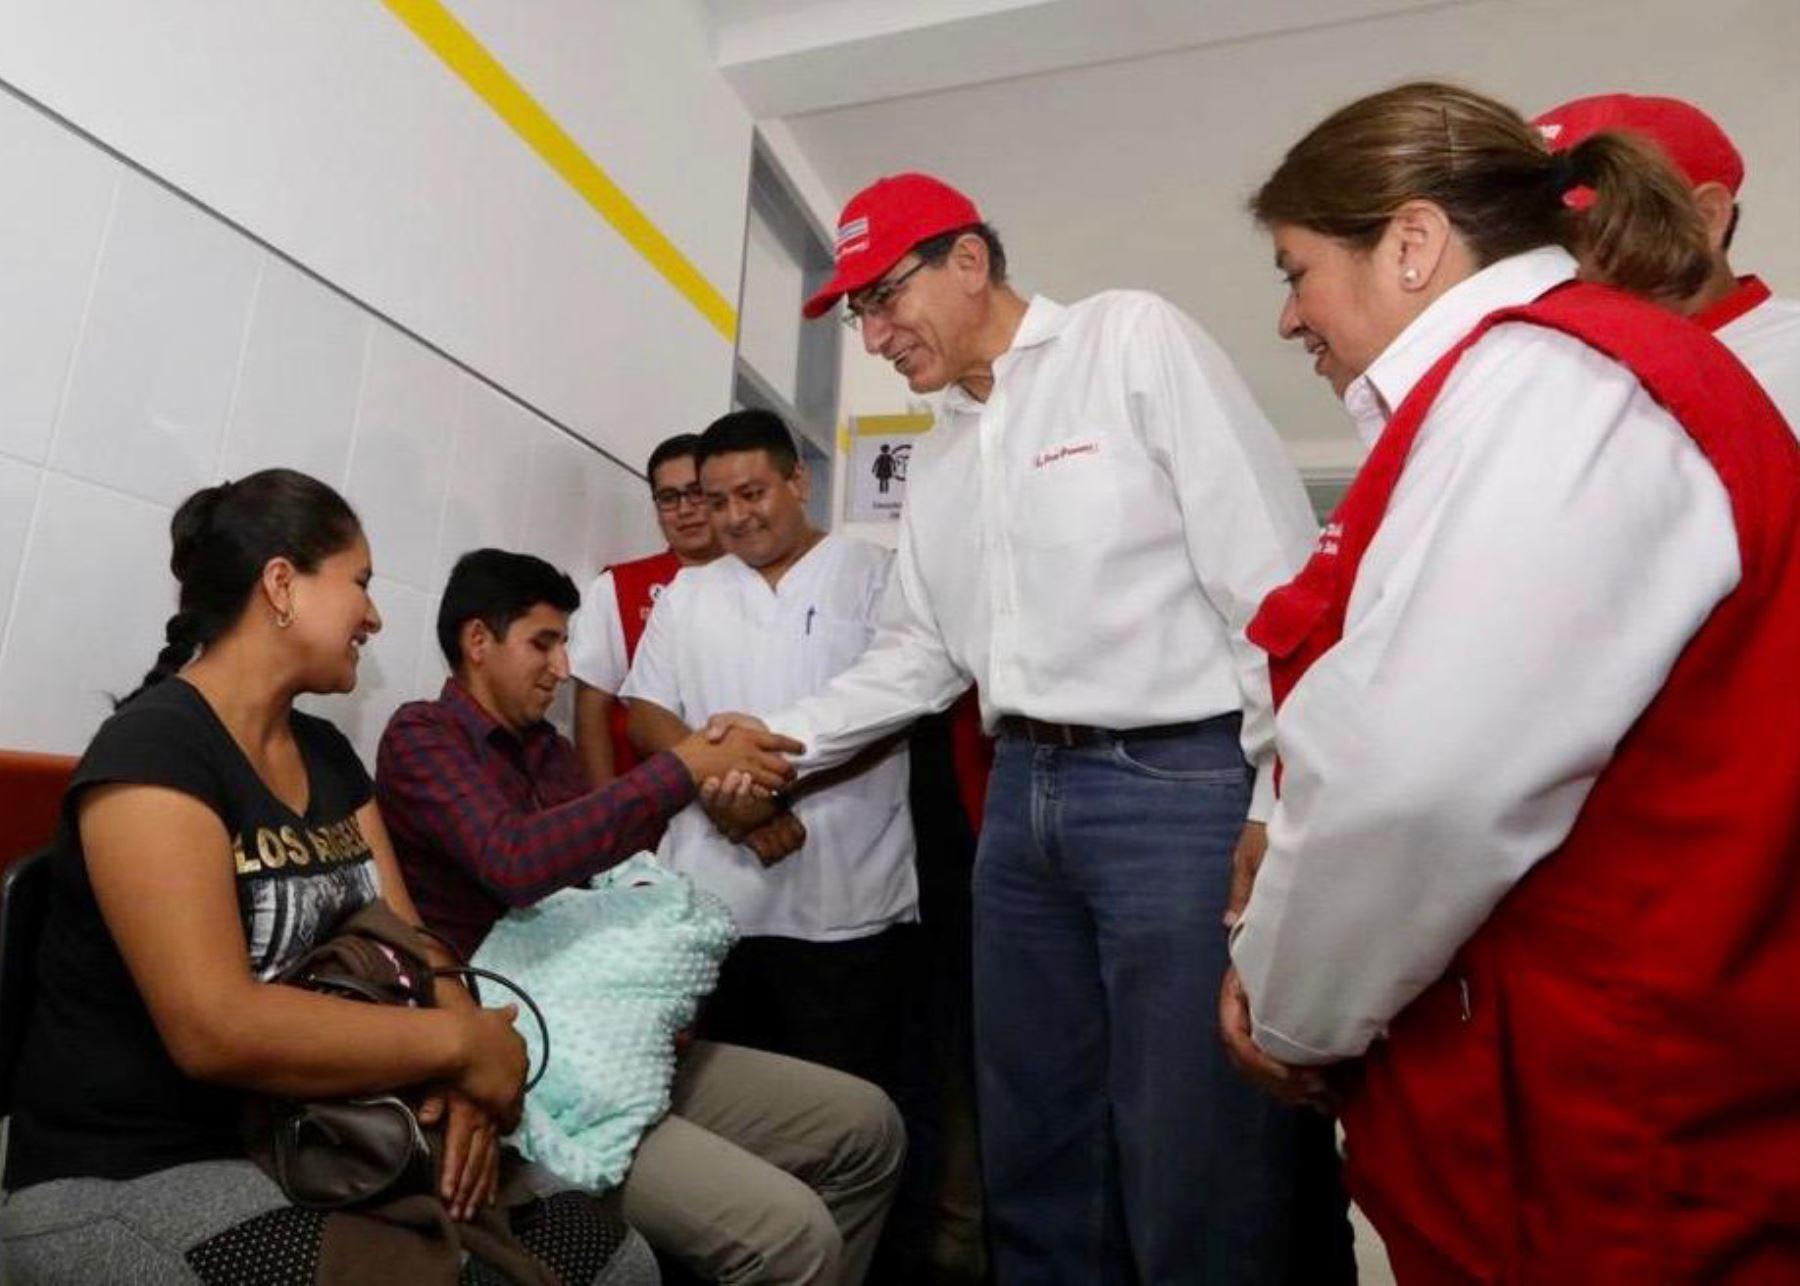 El presidente Martín Vizcarra inauguró el centro de salud de Canchaque, en Piura. Foto: @Minsa_Perú.